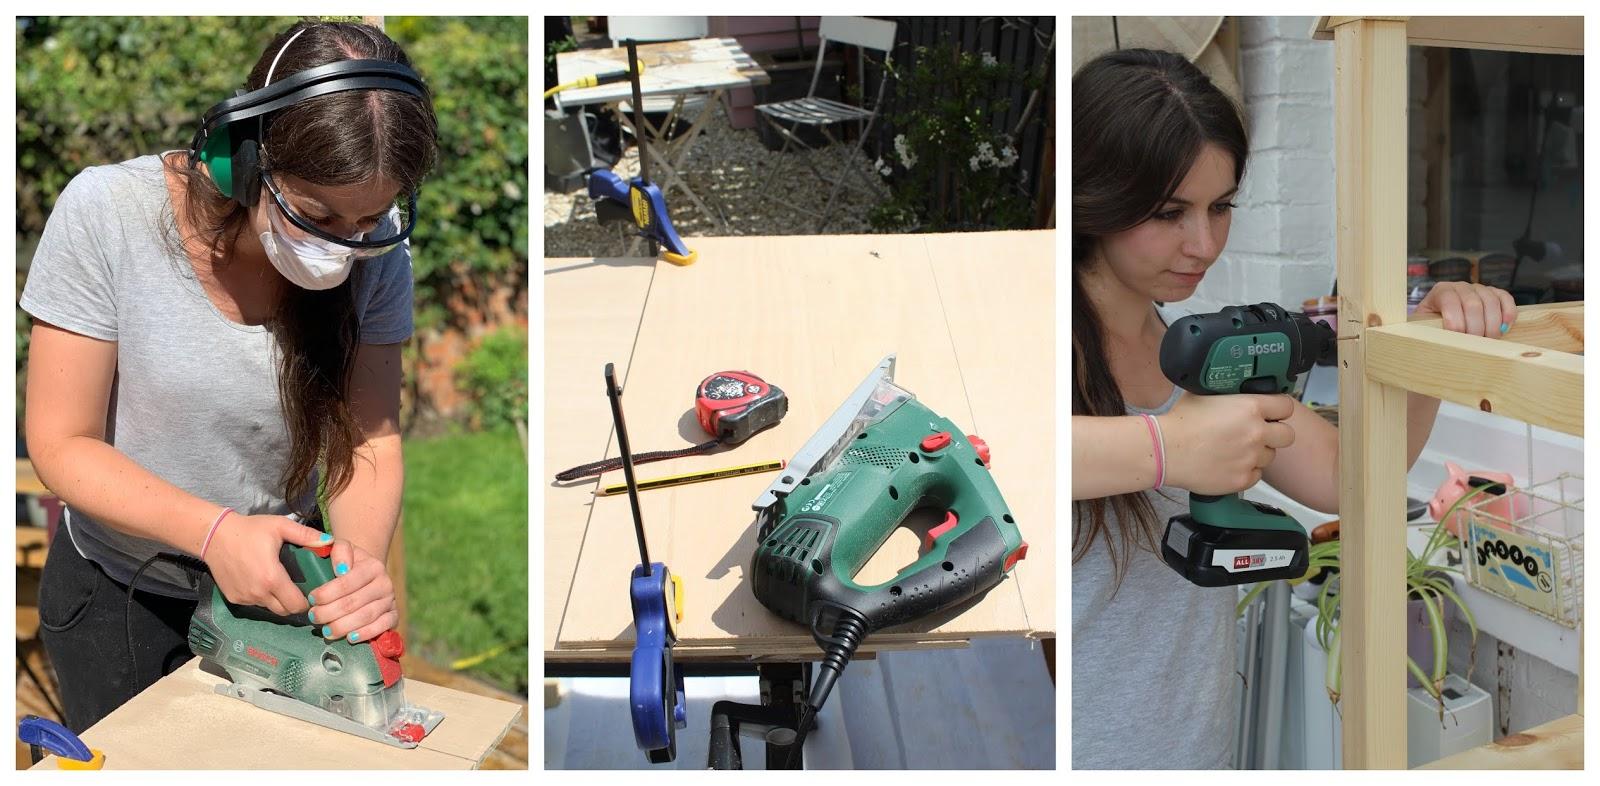 Bosch DIY tools in use